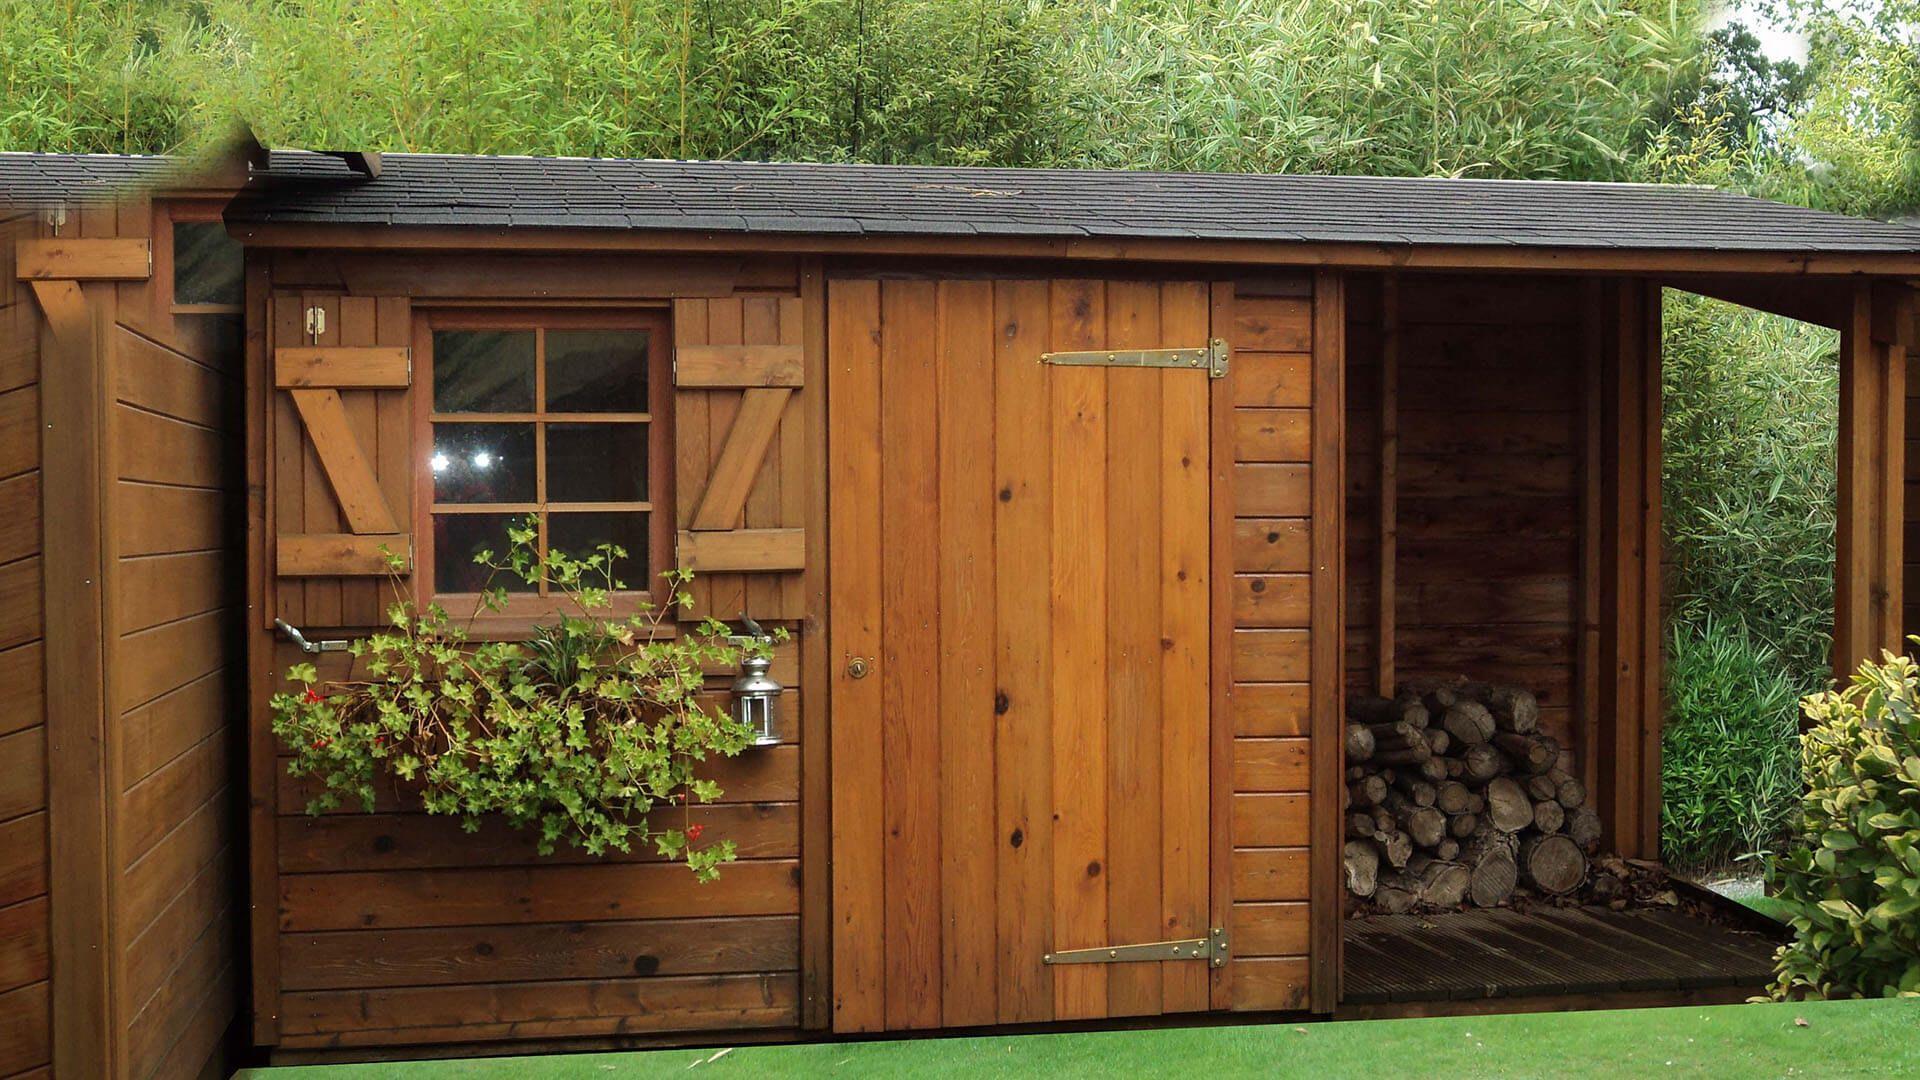 Que Diriez-Vous D'un Abri De Jardin Une Pente Pour Stocker ... dedans Construction Cabane De Jardin